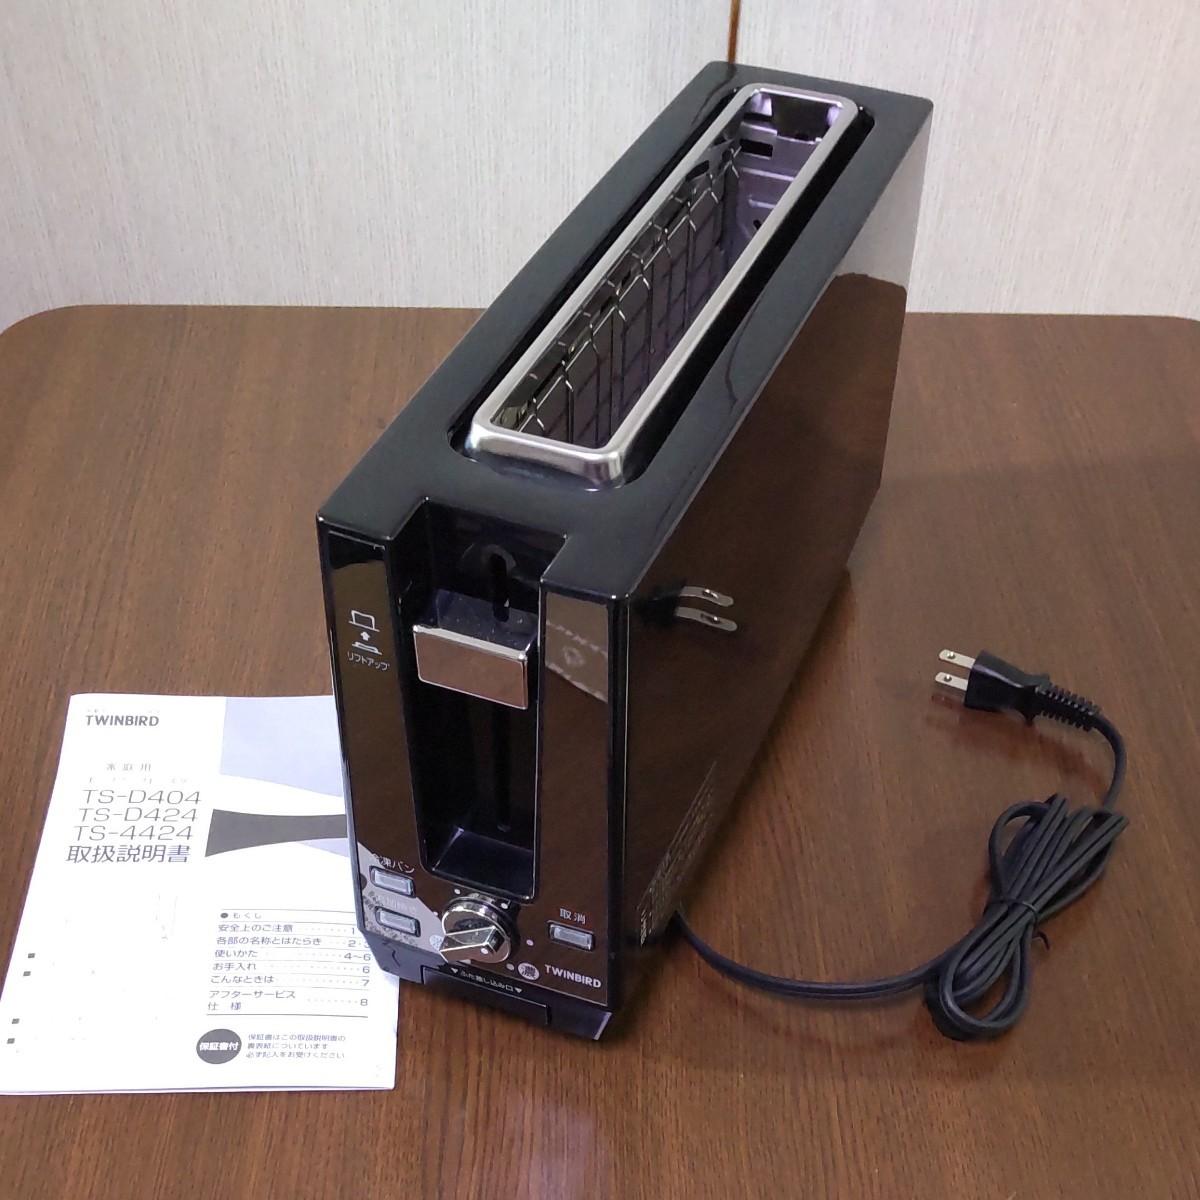 ツインバード TS-D424B ポップアップトースター ブラック